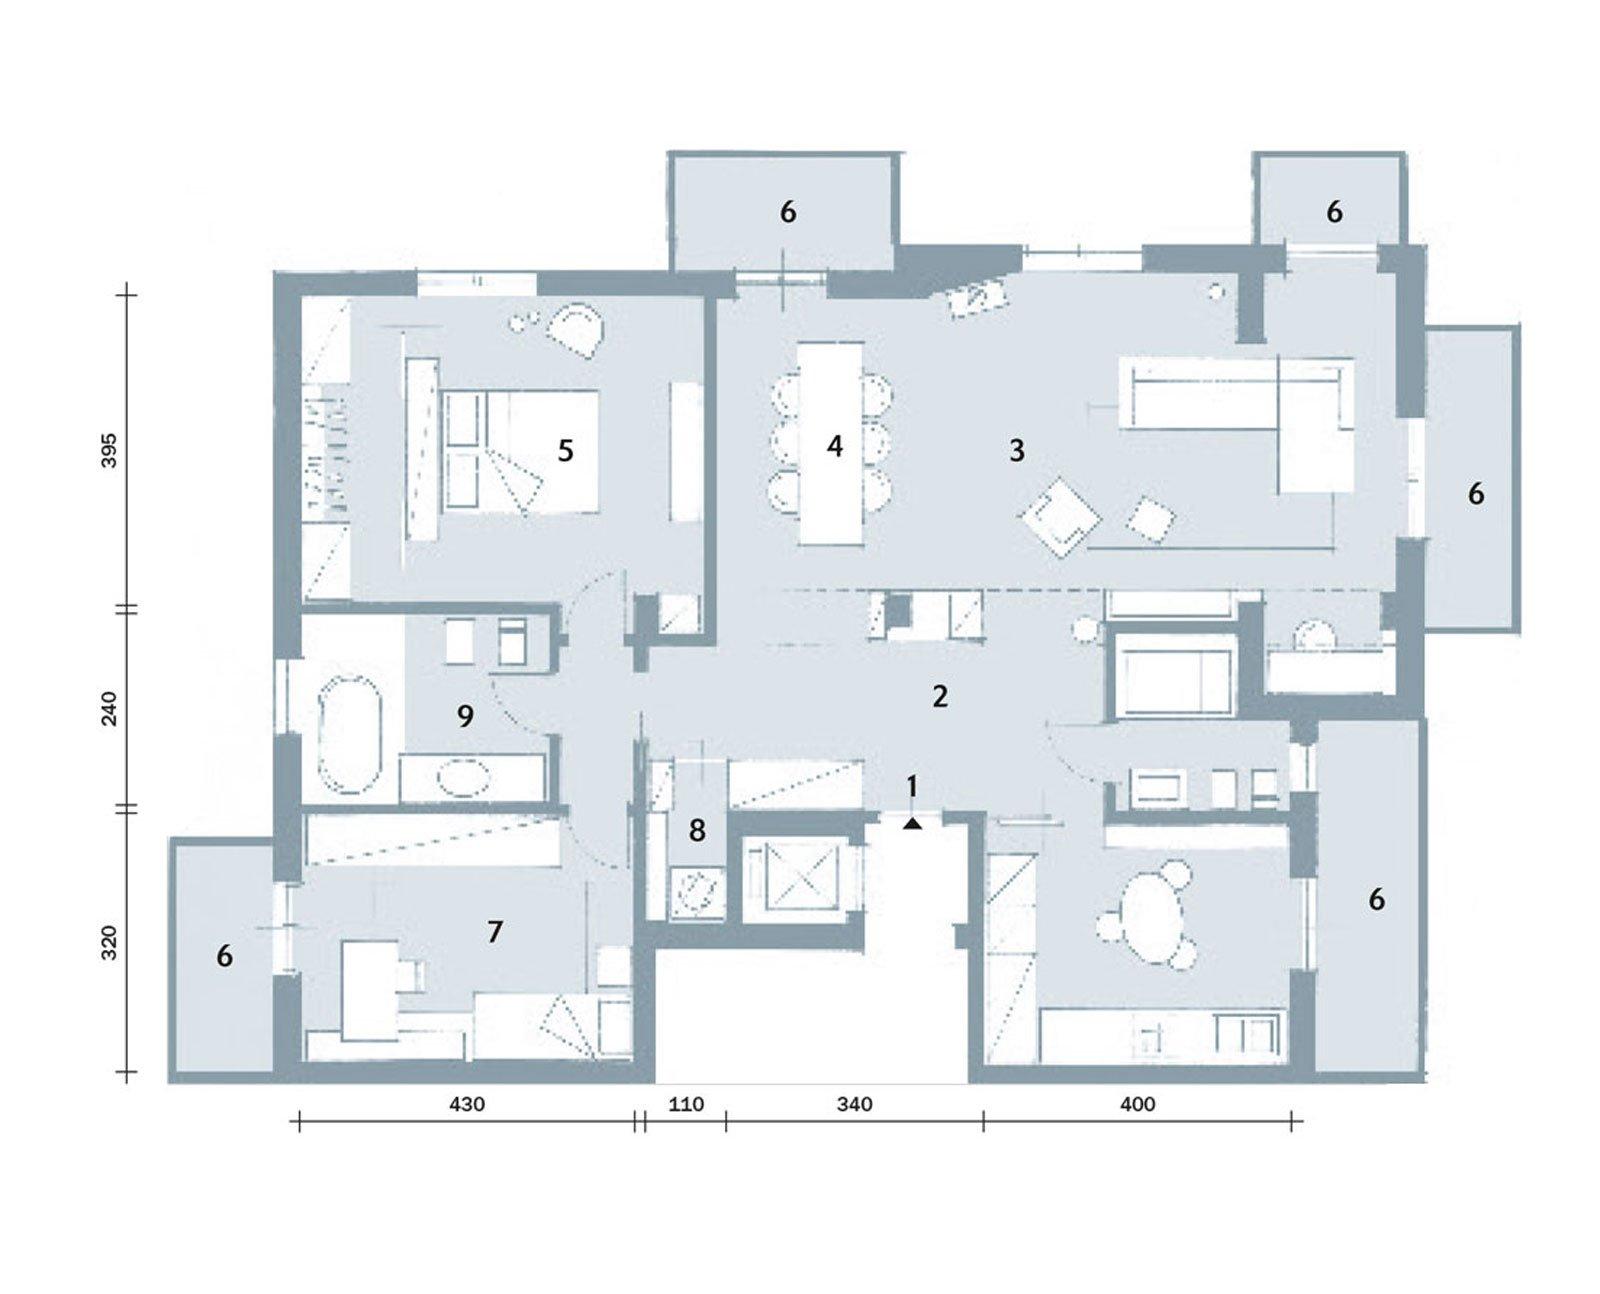 Maxi trilocale design e ispirazioni scandinave per la for Piantina casa 100 mq